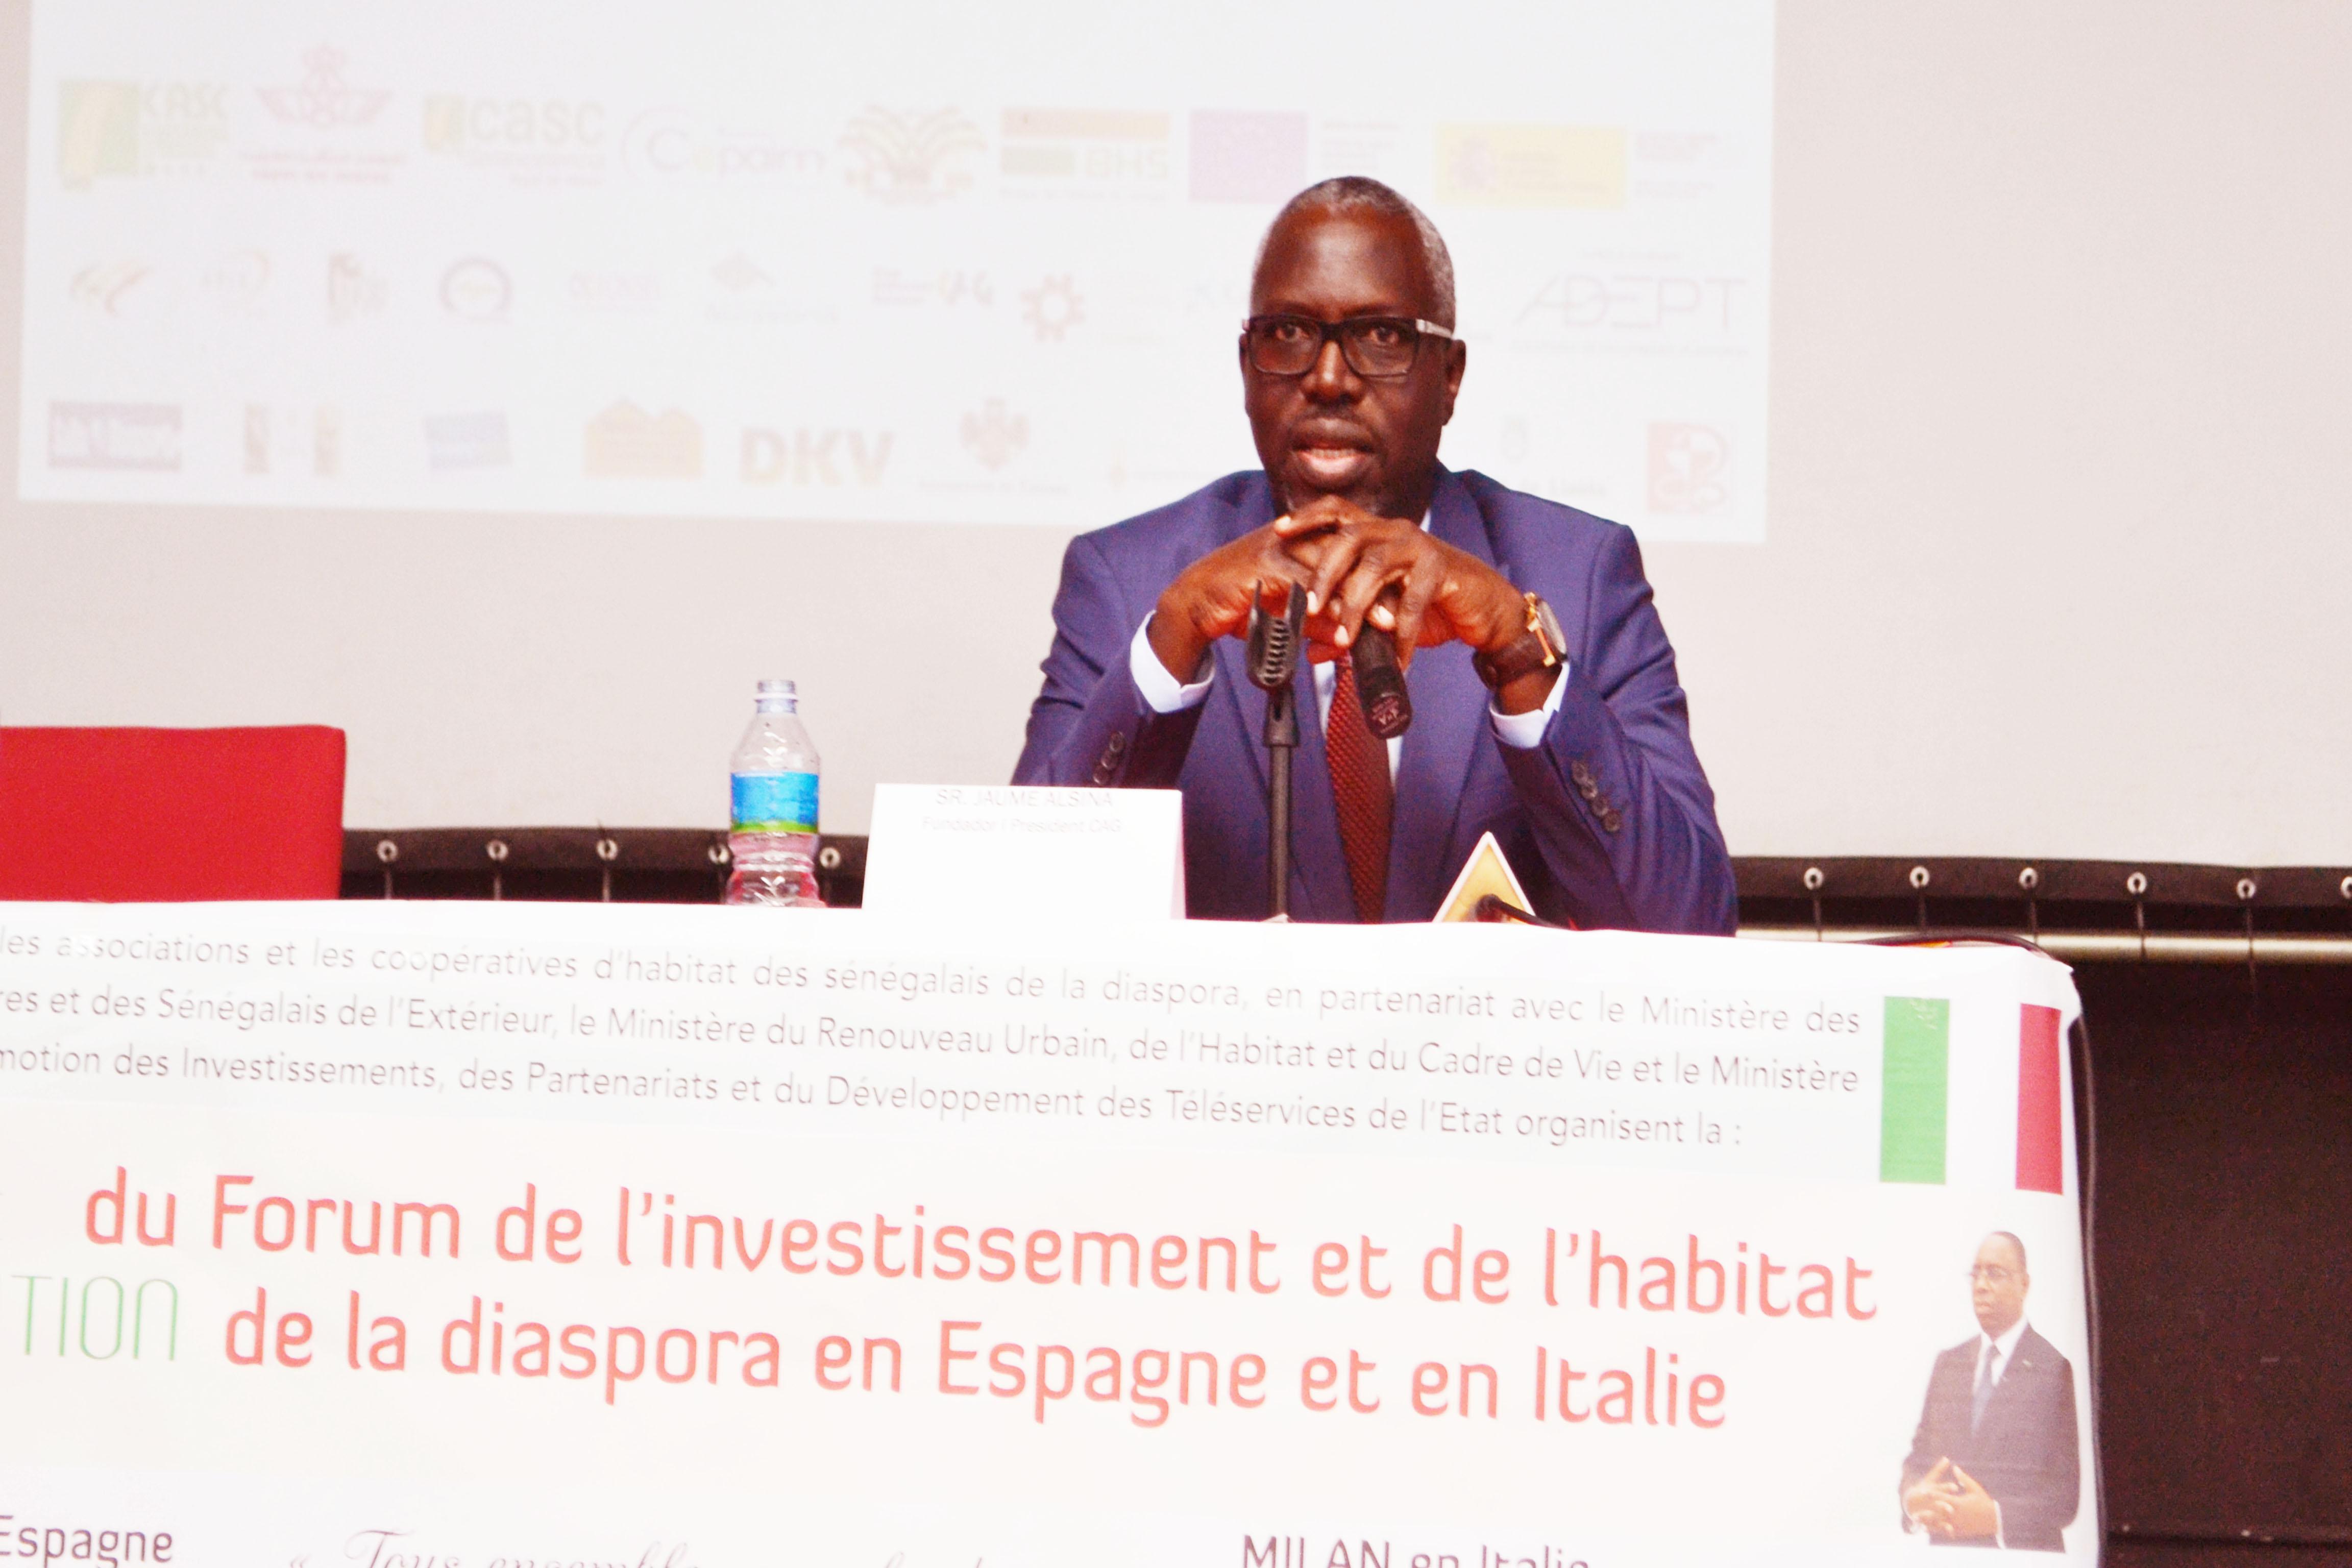 Litiges fonciers des émigrés : Mr Dame Fall , Directeur régional des impôts et des domaines de Dakar, leur demande de se rapprocher des services de l'Etat